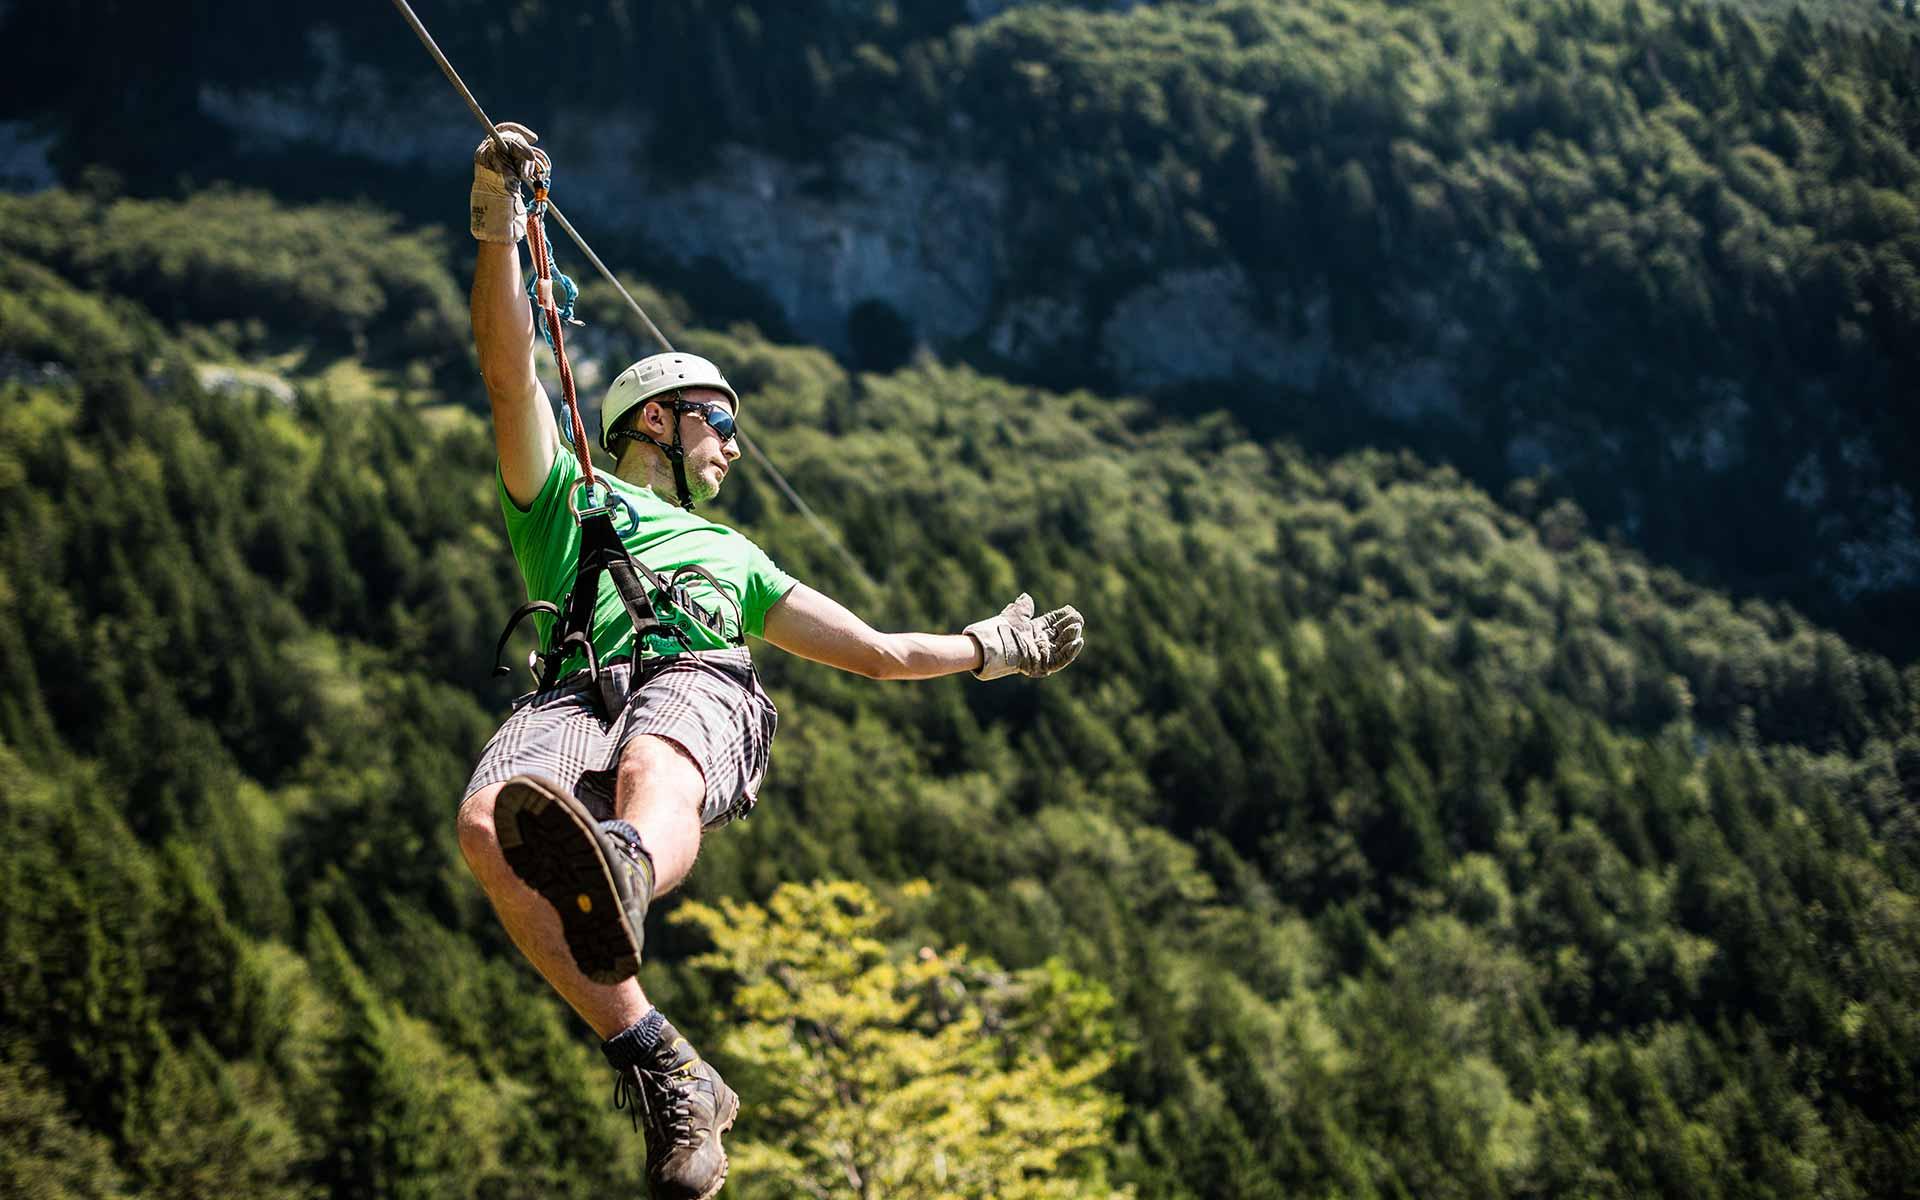 Največji Zipline park v Sloveniji